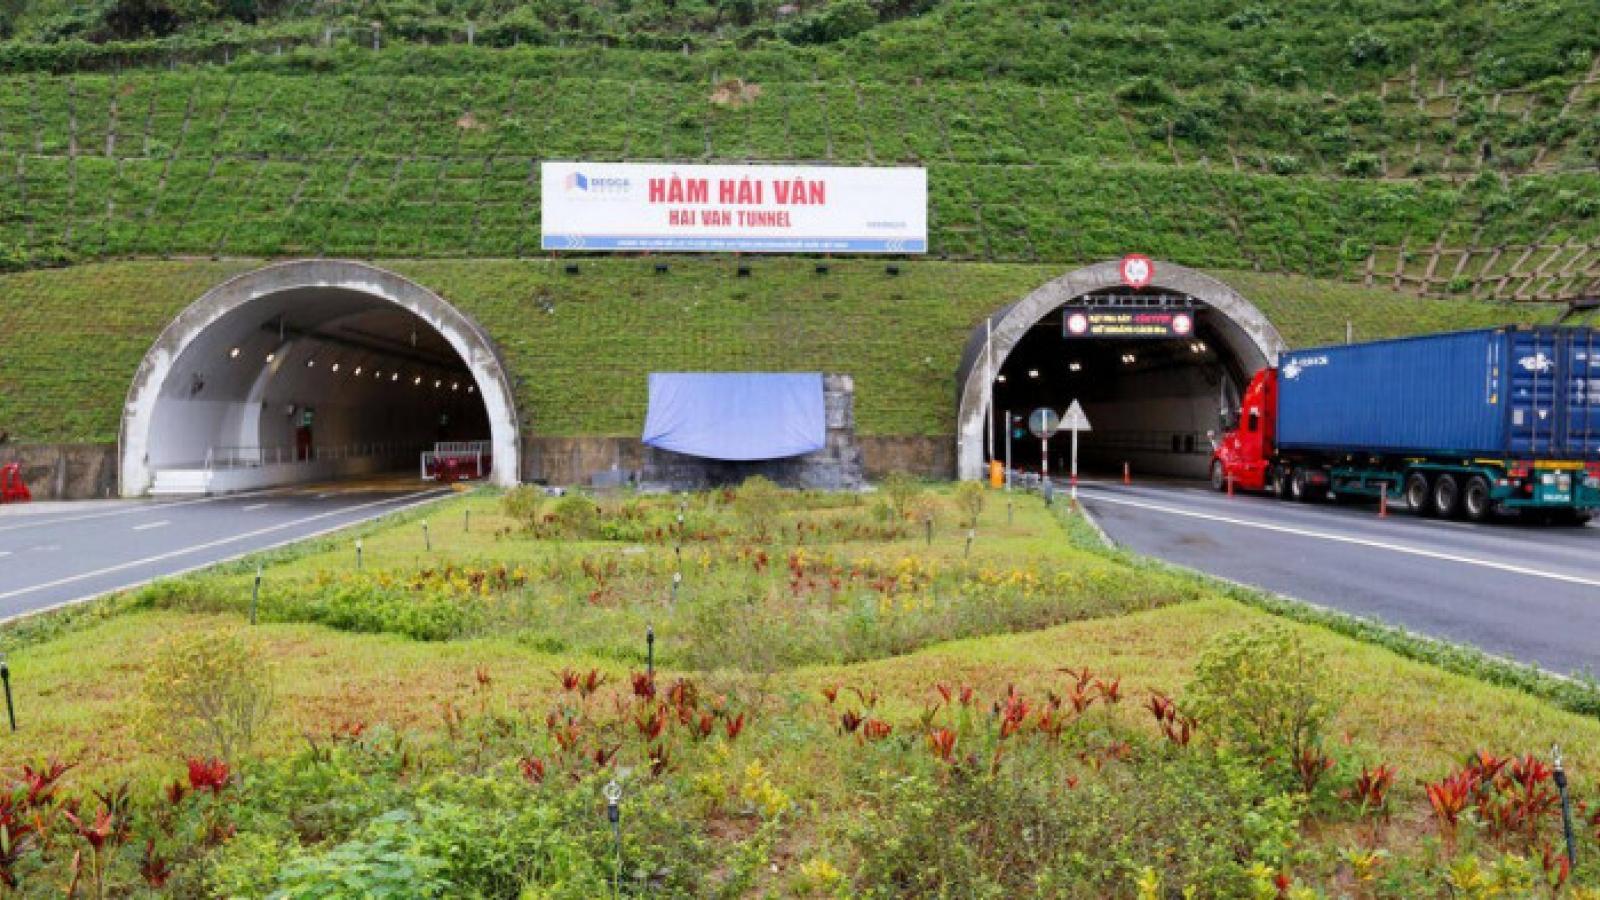 BOT hầm Hải Vân tăng phí từ 1/5, cao nhất 280.000 đồng/lượt